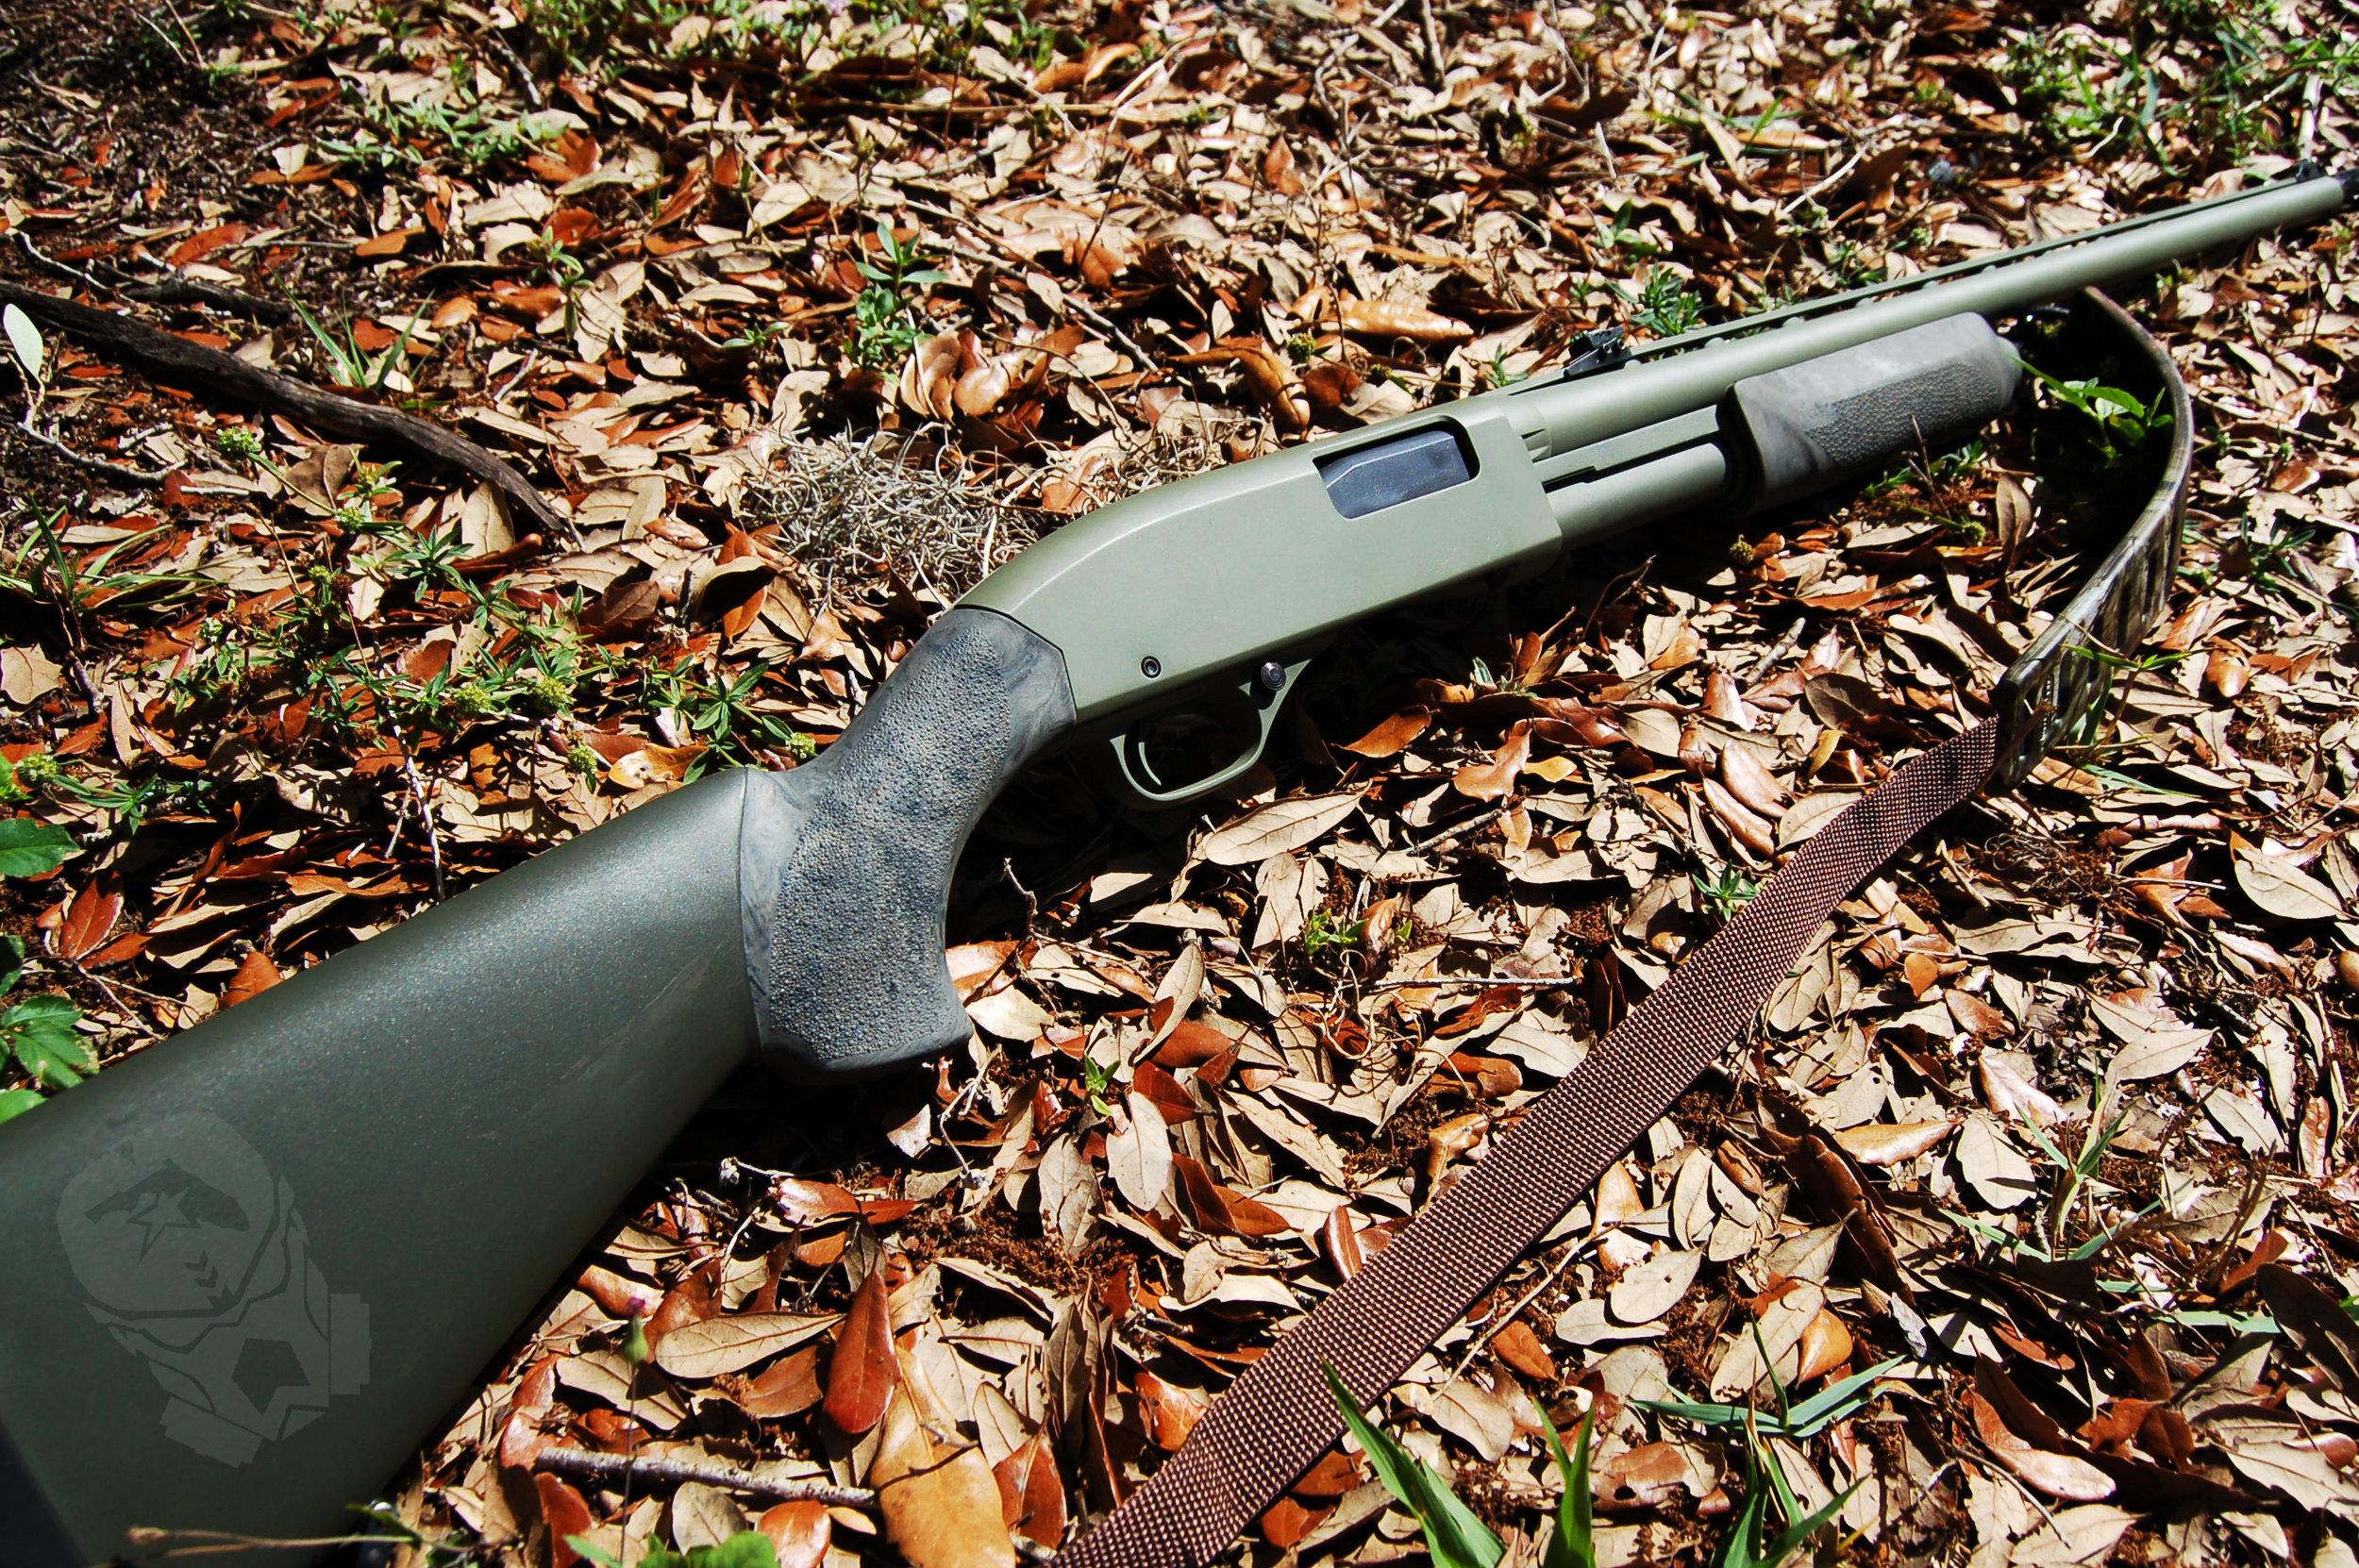 crockett_turkey_gun.jpg